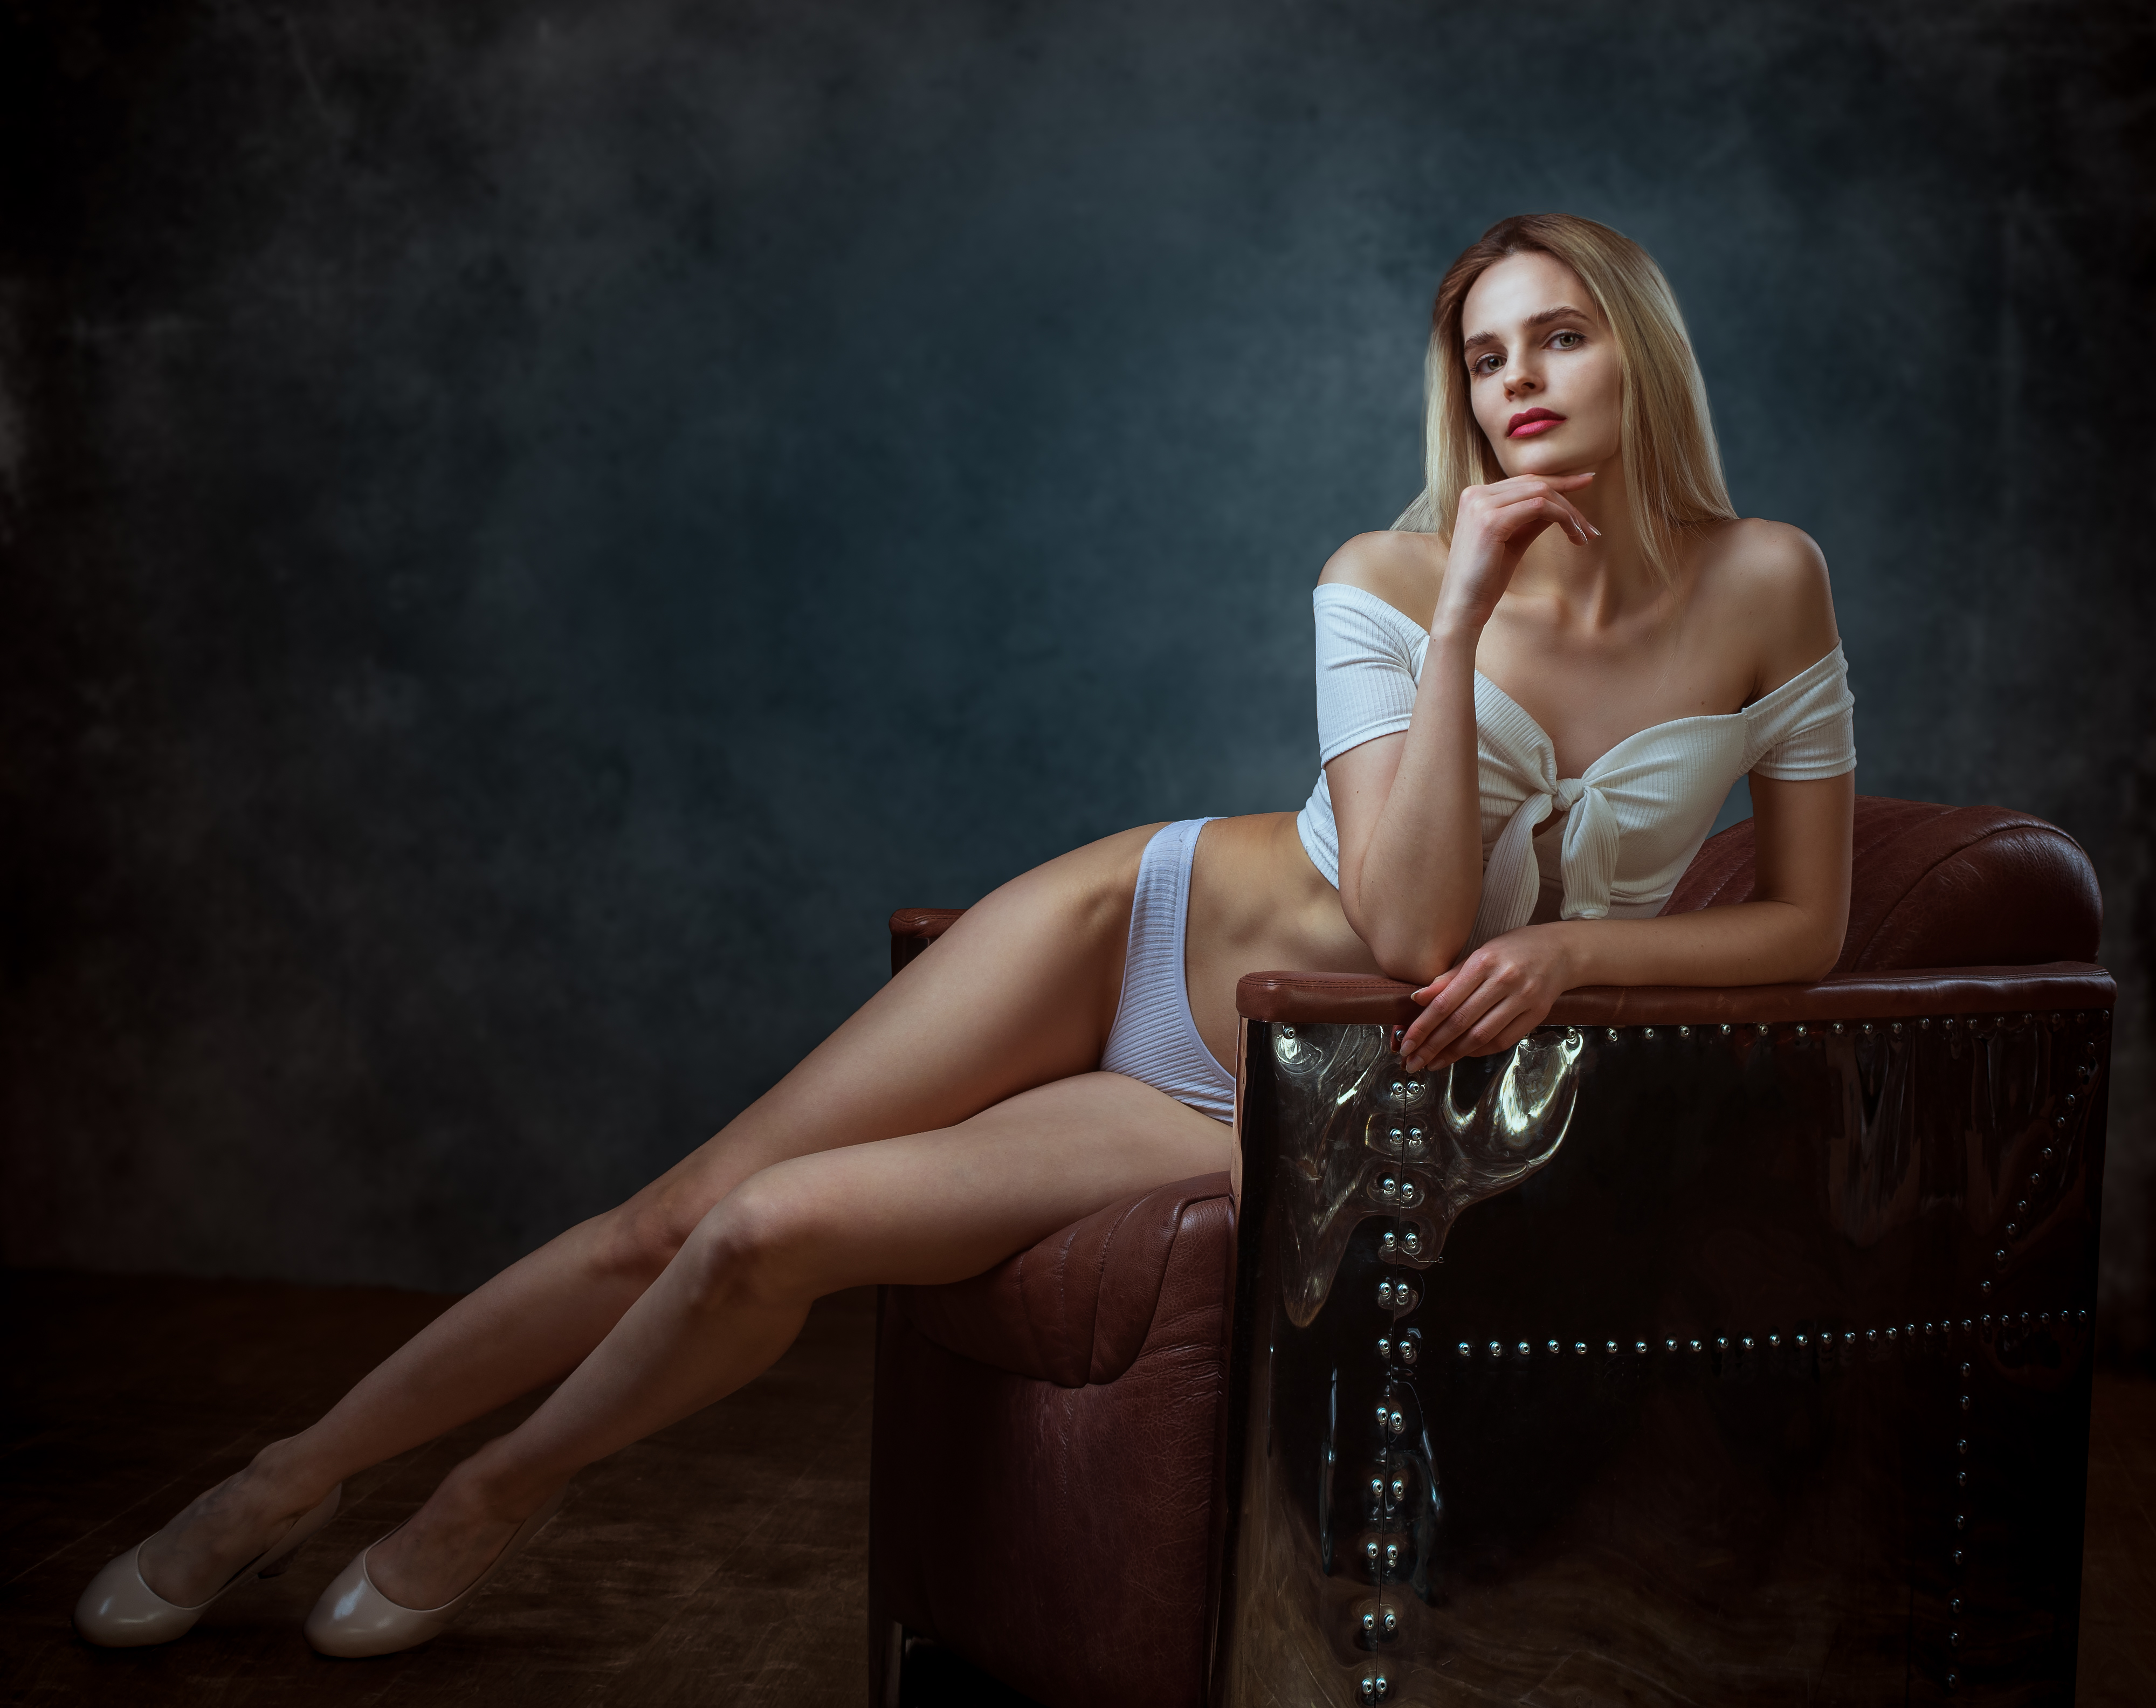 студийный портрет, красивая девушка, женский портрет, концептуальное, арт, Бабаев Зураб